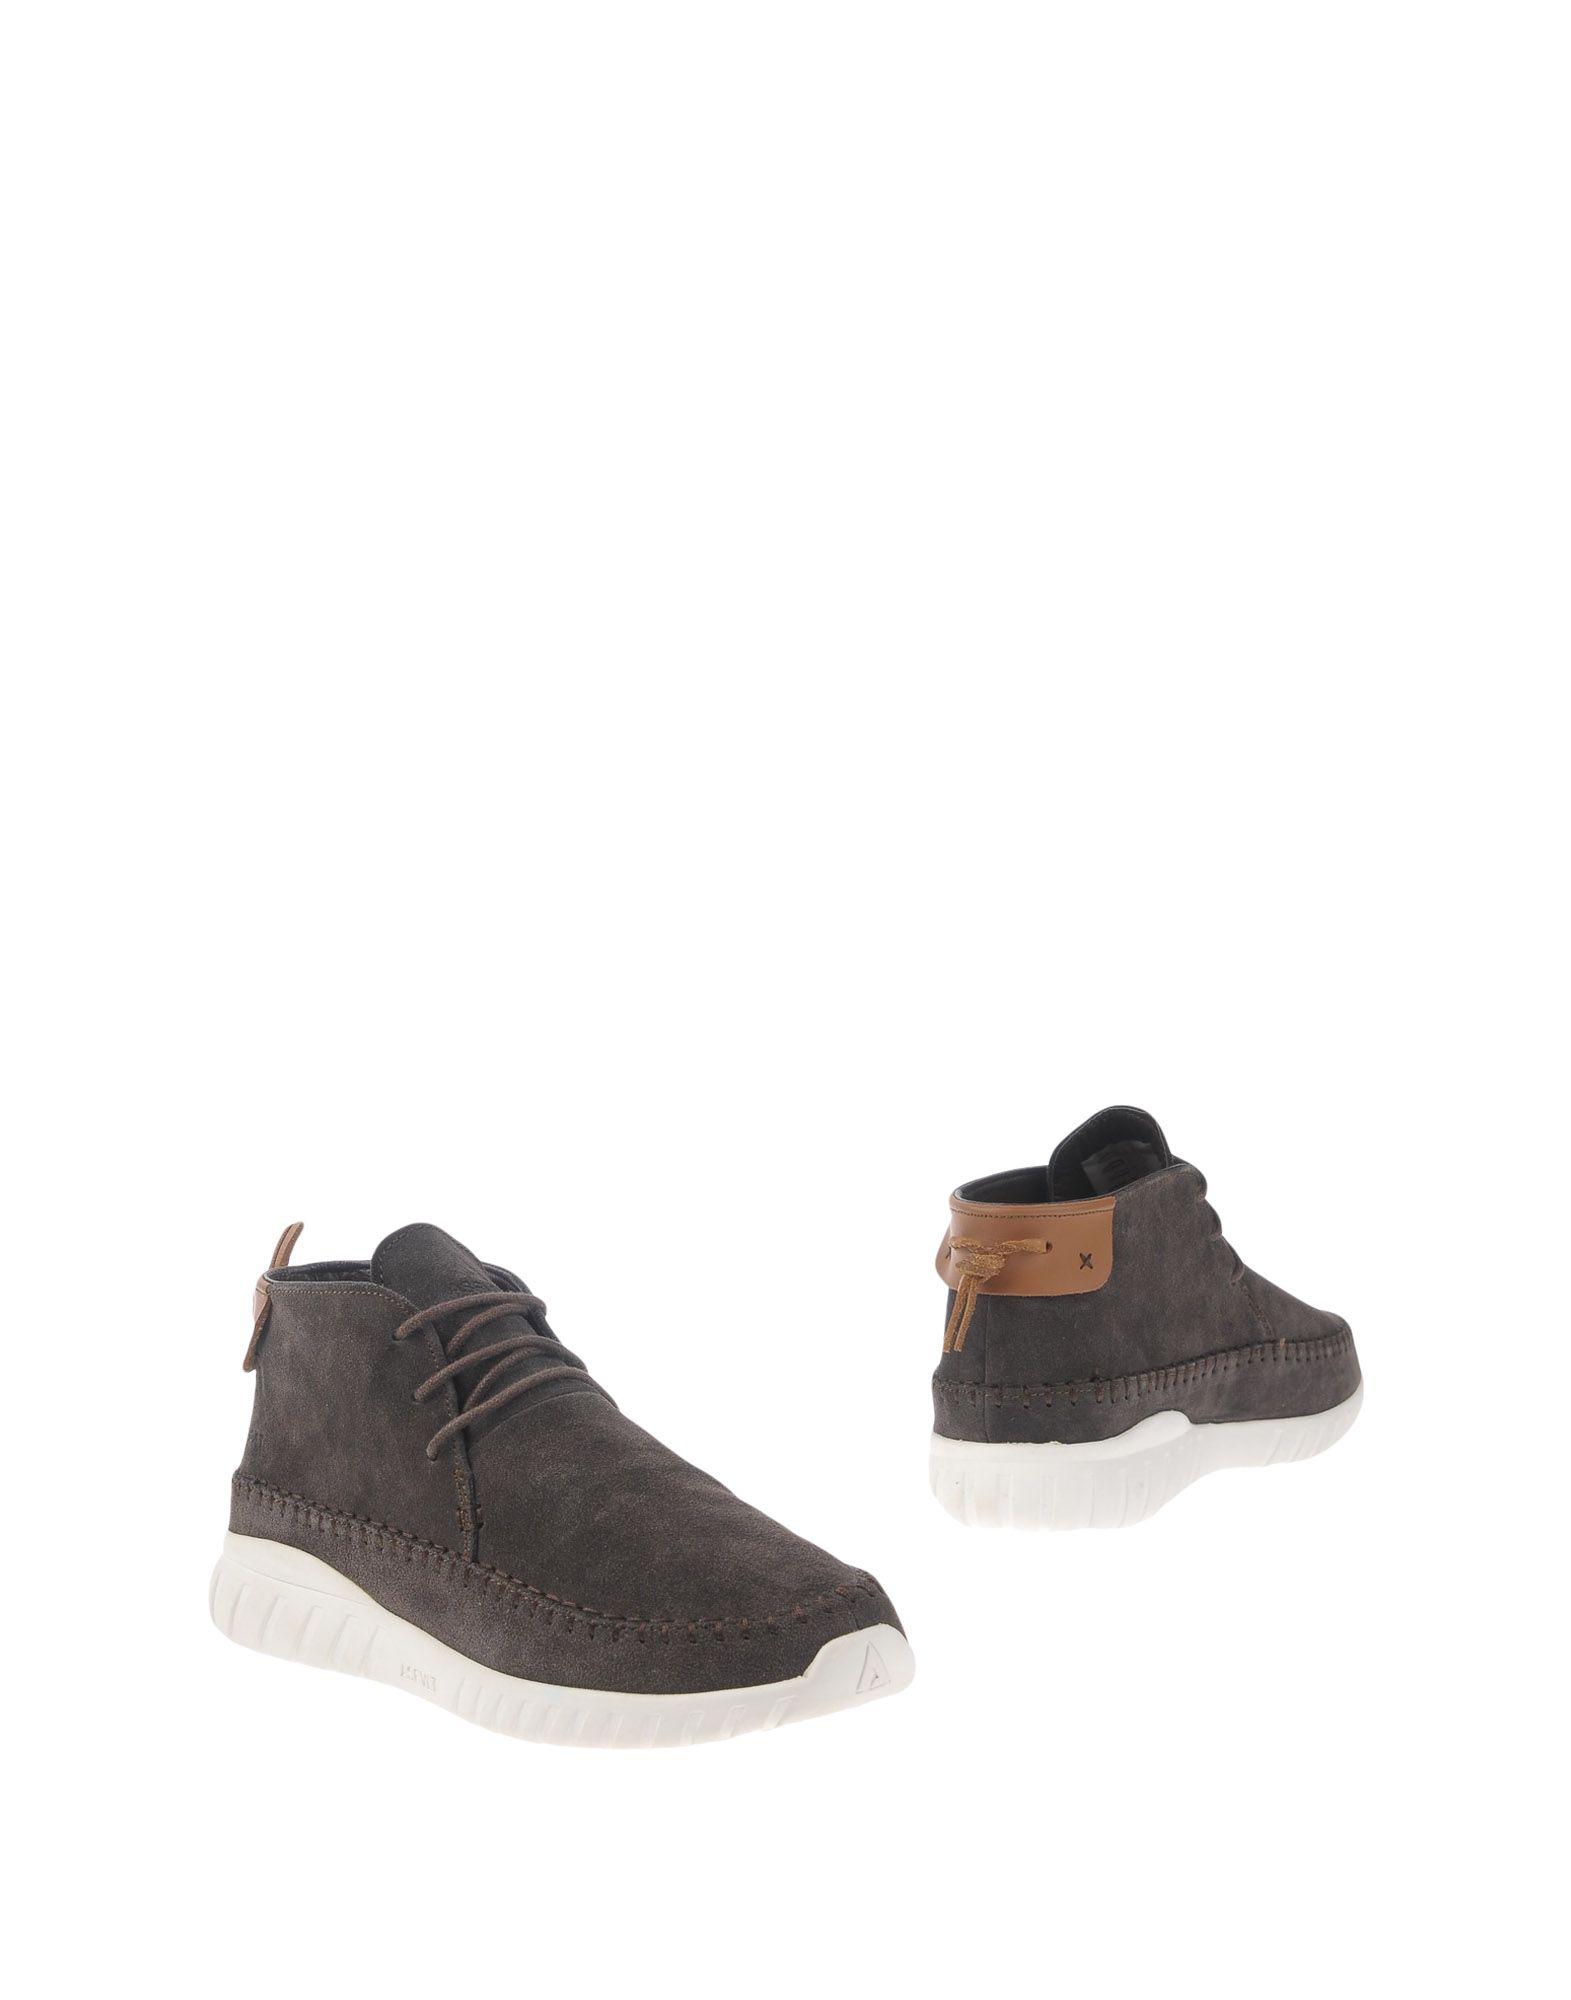 Rabatt echte  Schuhe Asfvlt Stiefelette Herren  echte 11275010GH 369f0a